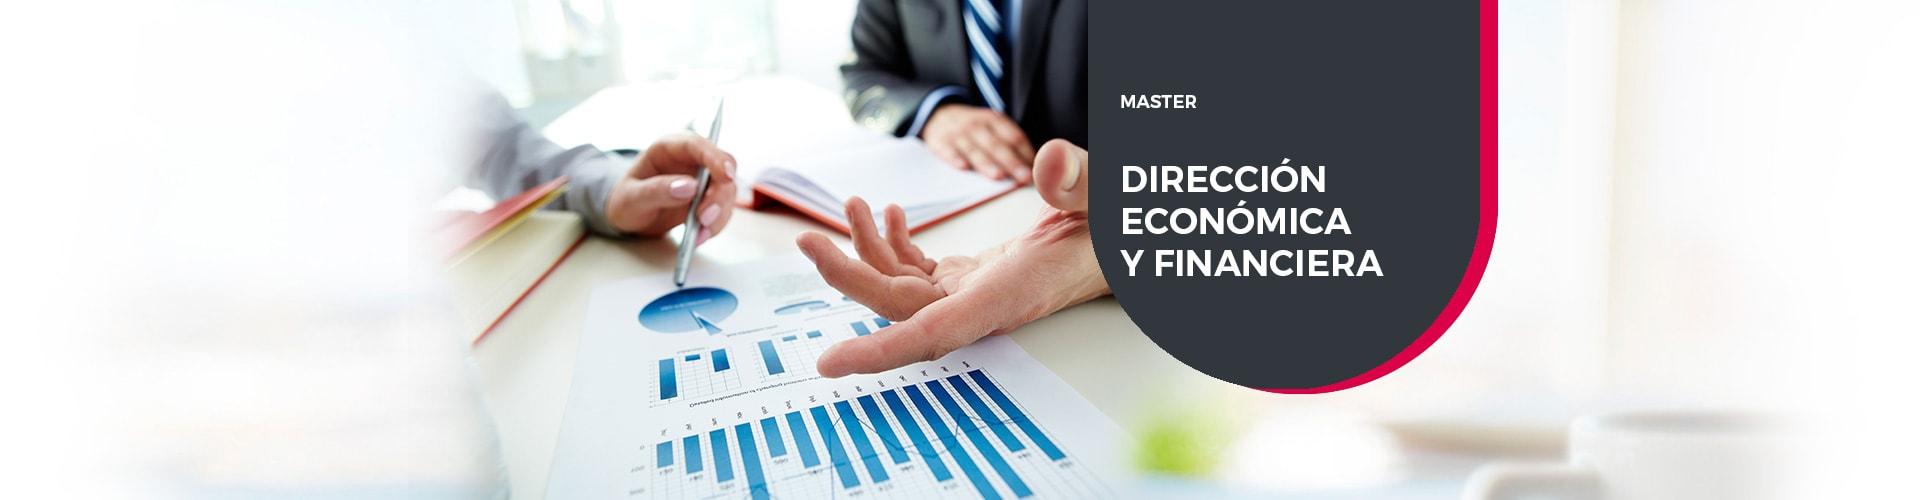 slider-direccion-financieraf2